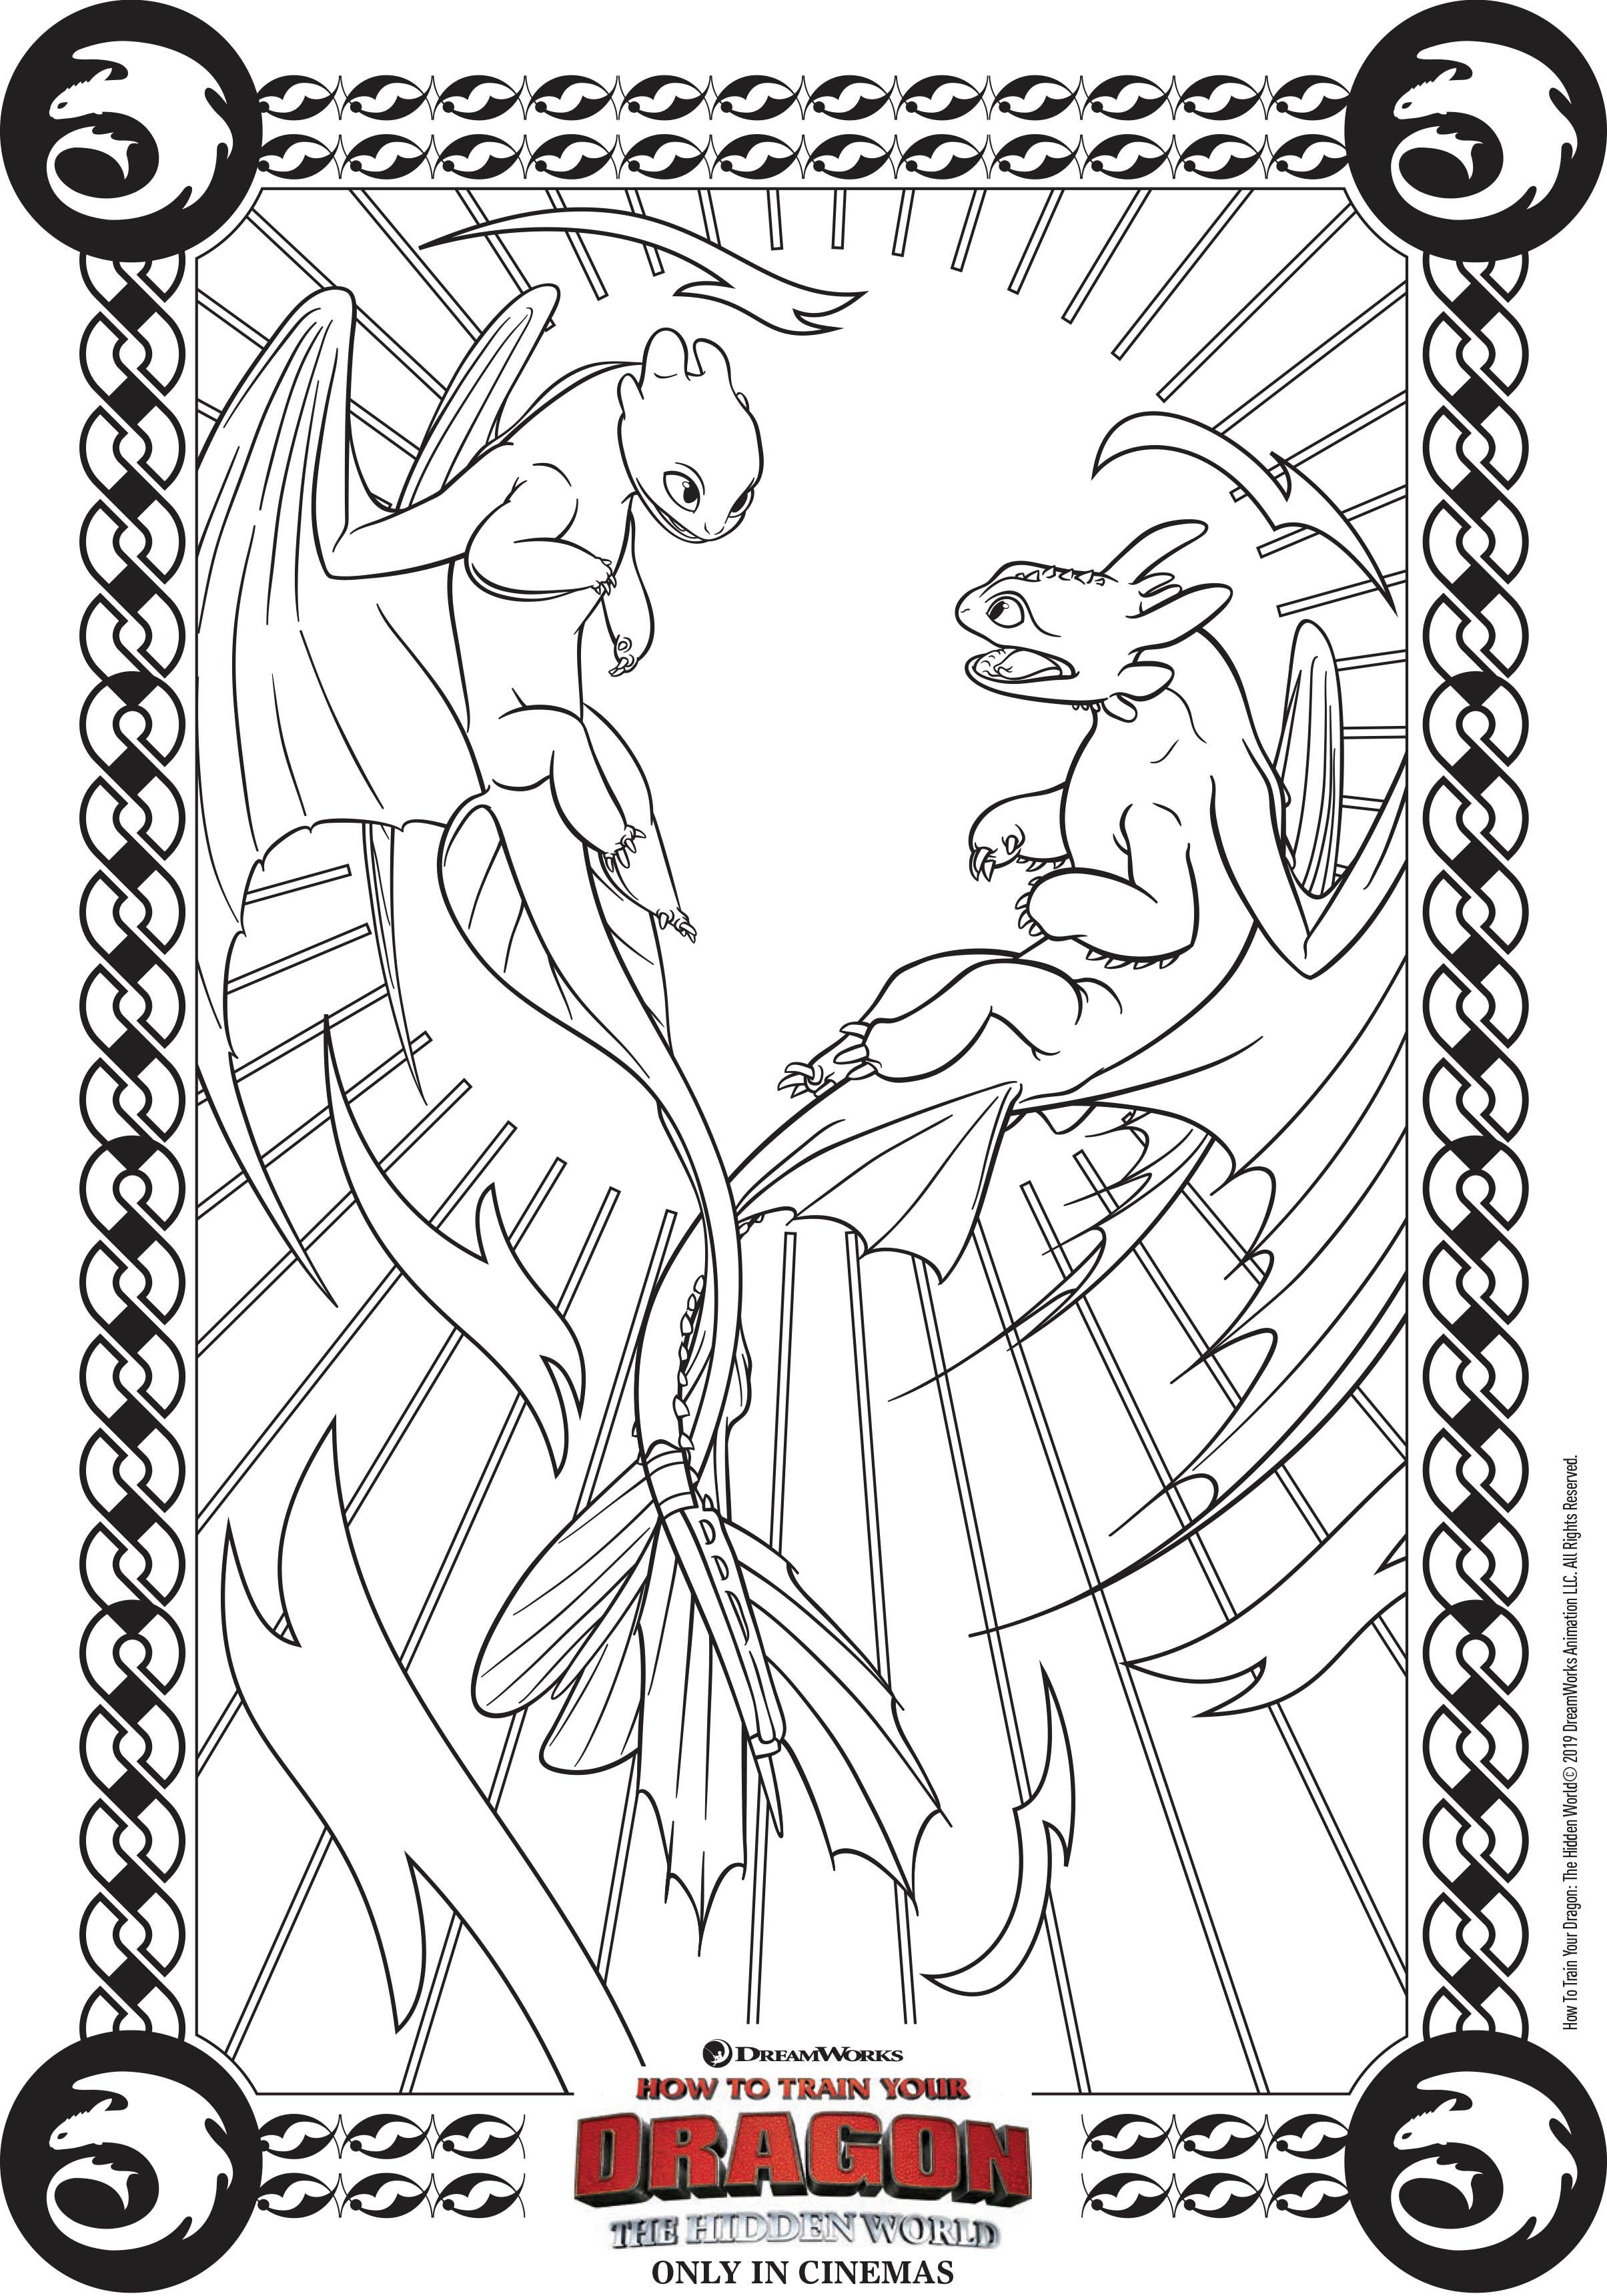 Les Dragons Amoureux Coloriage Dragons 3 Coloriages Pour Enfants